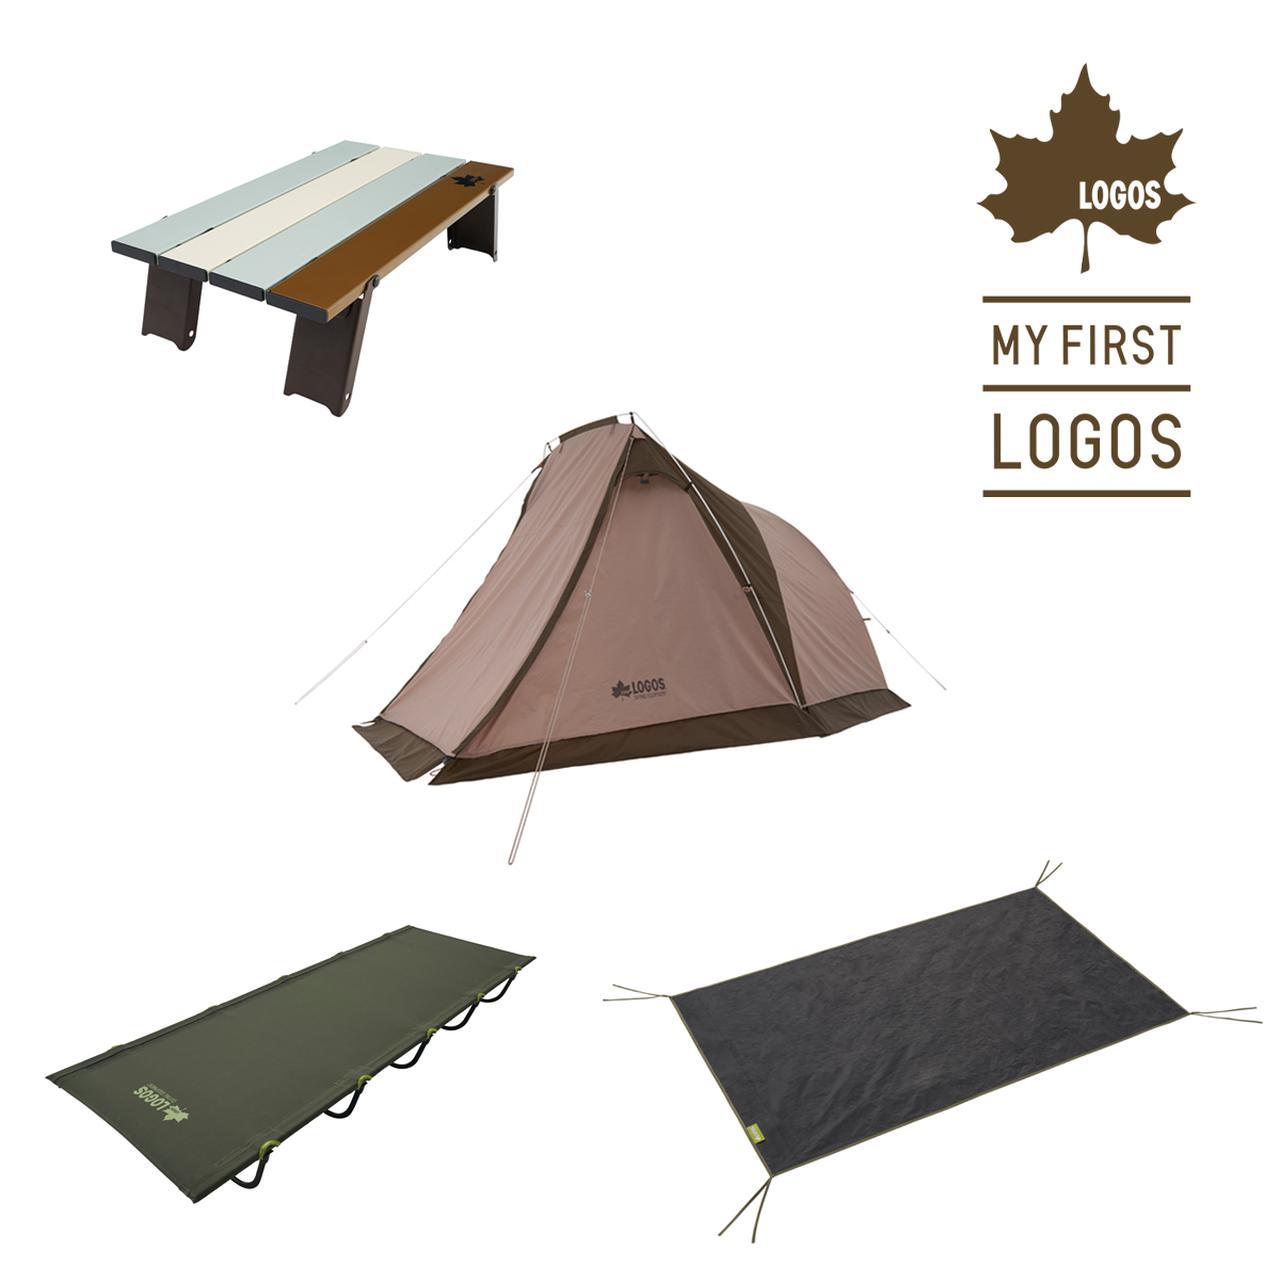 画像4: LOGOS(ロゴス)秋キャンプおすすめアイテムを厳選!25種類のお得なセット販売「MY FIRST LOGOS キャンペーン」 開催です!